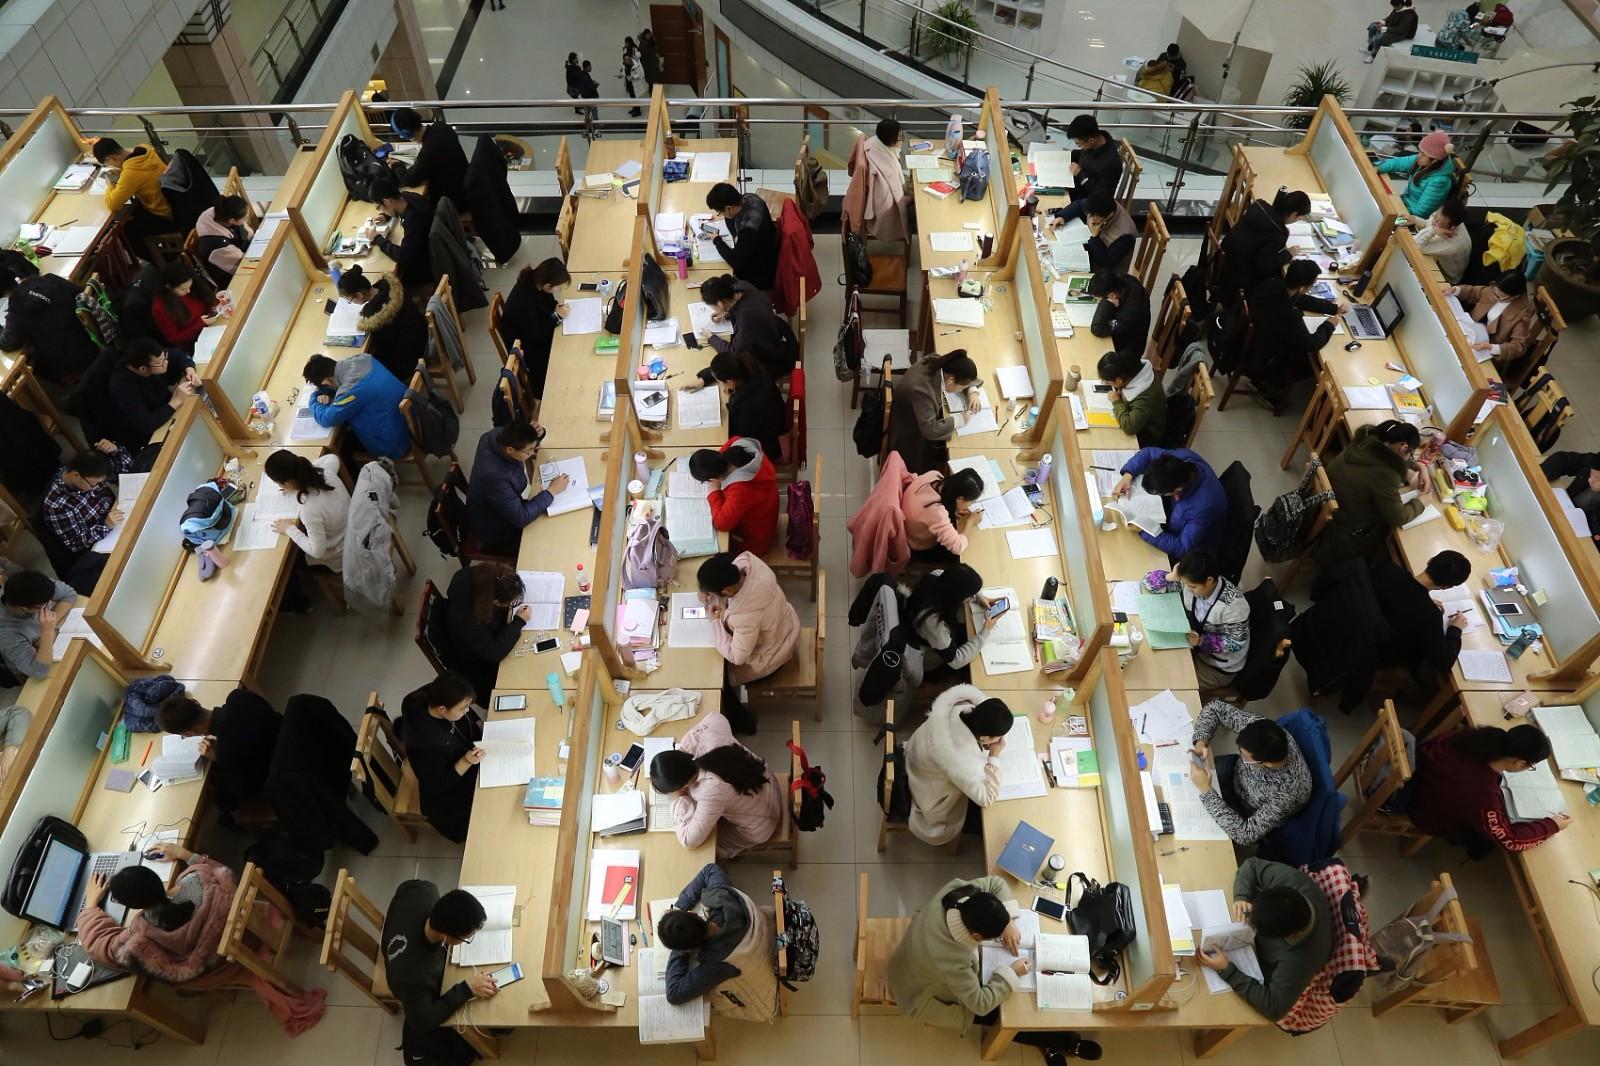 明天就要走进考研考场,你准备好了吗 新湖南www.hunanabc.com